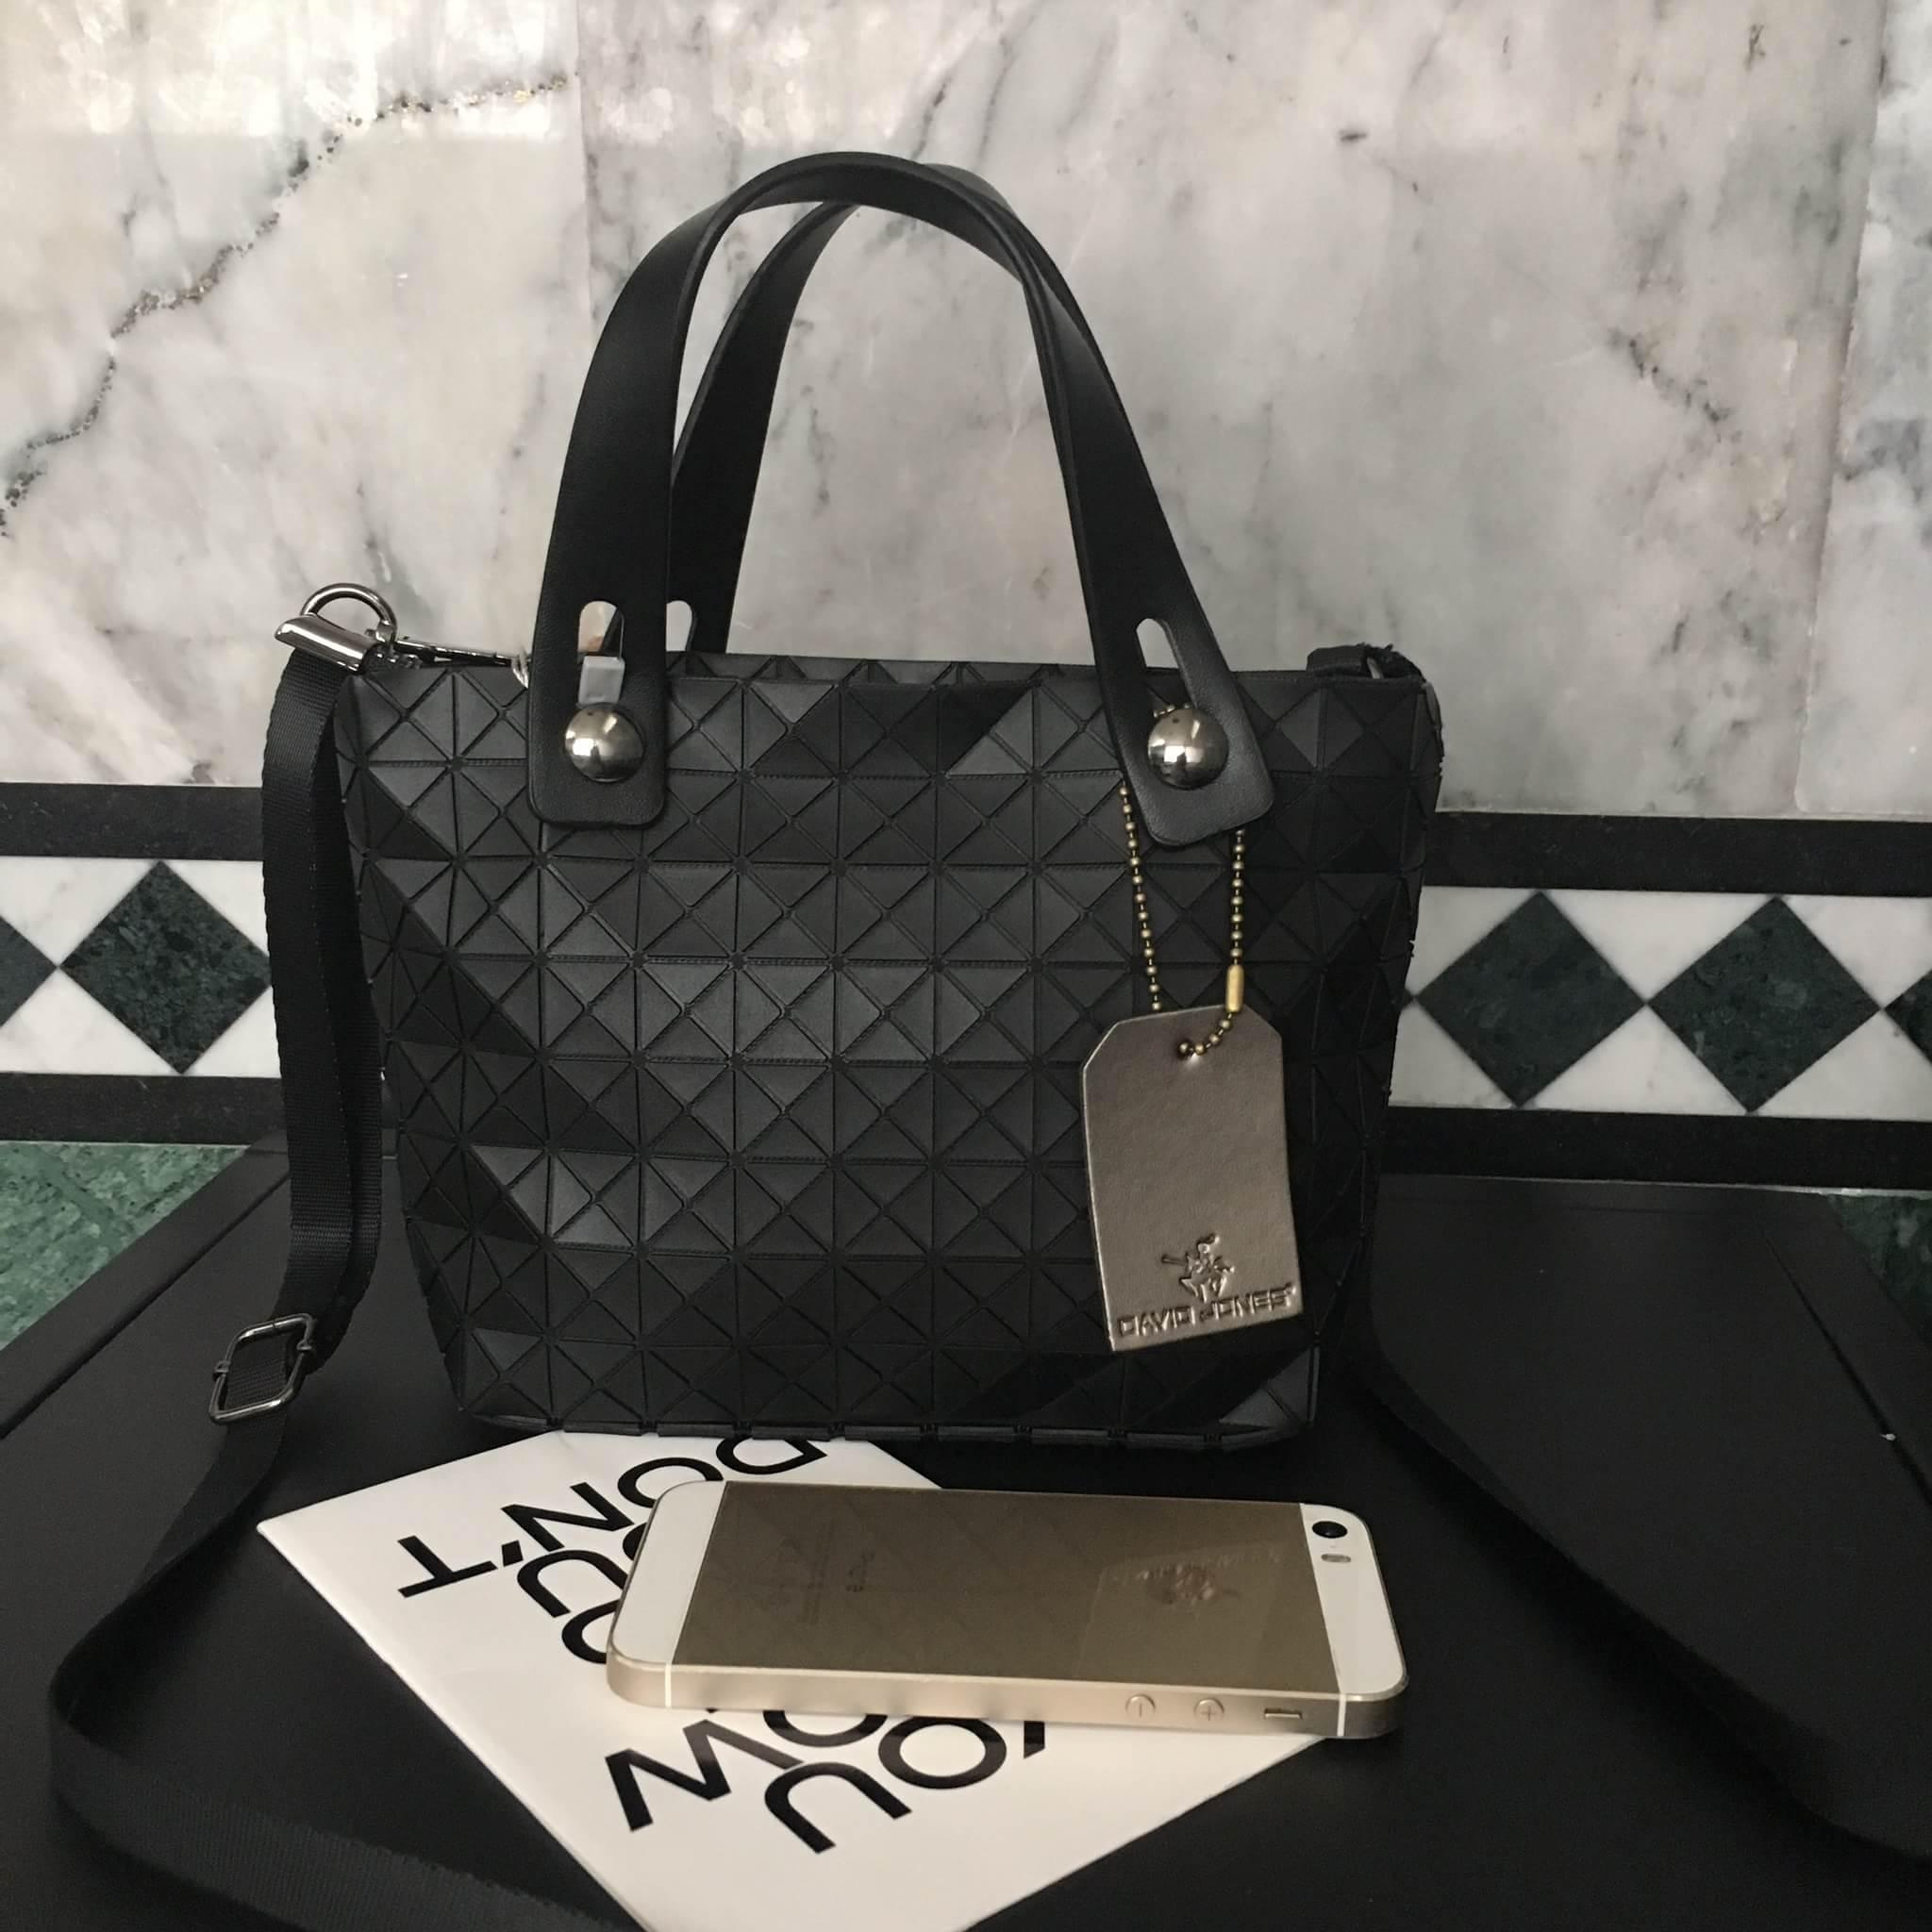 กระเป๋า David Jones Mini Luxury Bag ขนาด มินิ น่ารักมากๆค่ะ ขนาดตอบทุกโจทย์ กับการใช้ออกงาน เห็นใบเล็กๆแบบนี้ จุของคุ้มนะ สวยมาก